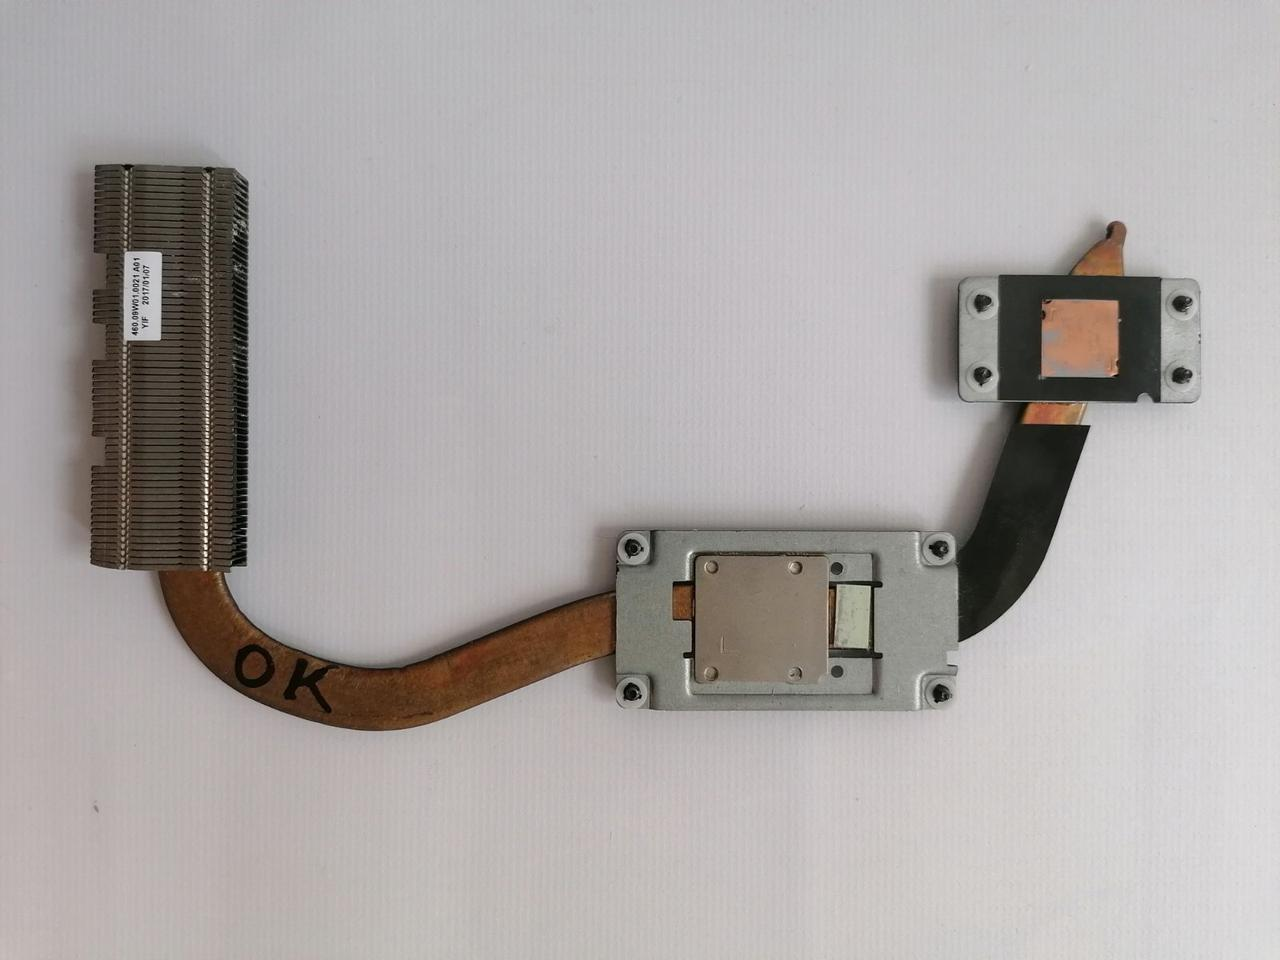 Б/У радиатор ( система охлаждения ) для ноутбука Dell Inspiron 3565, 3567, 3576 Vostro 3468 - 0X1K2K